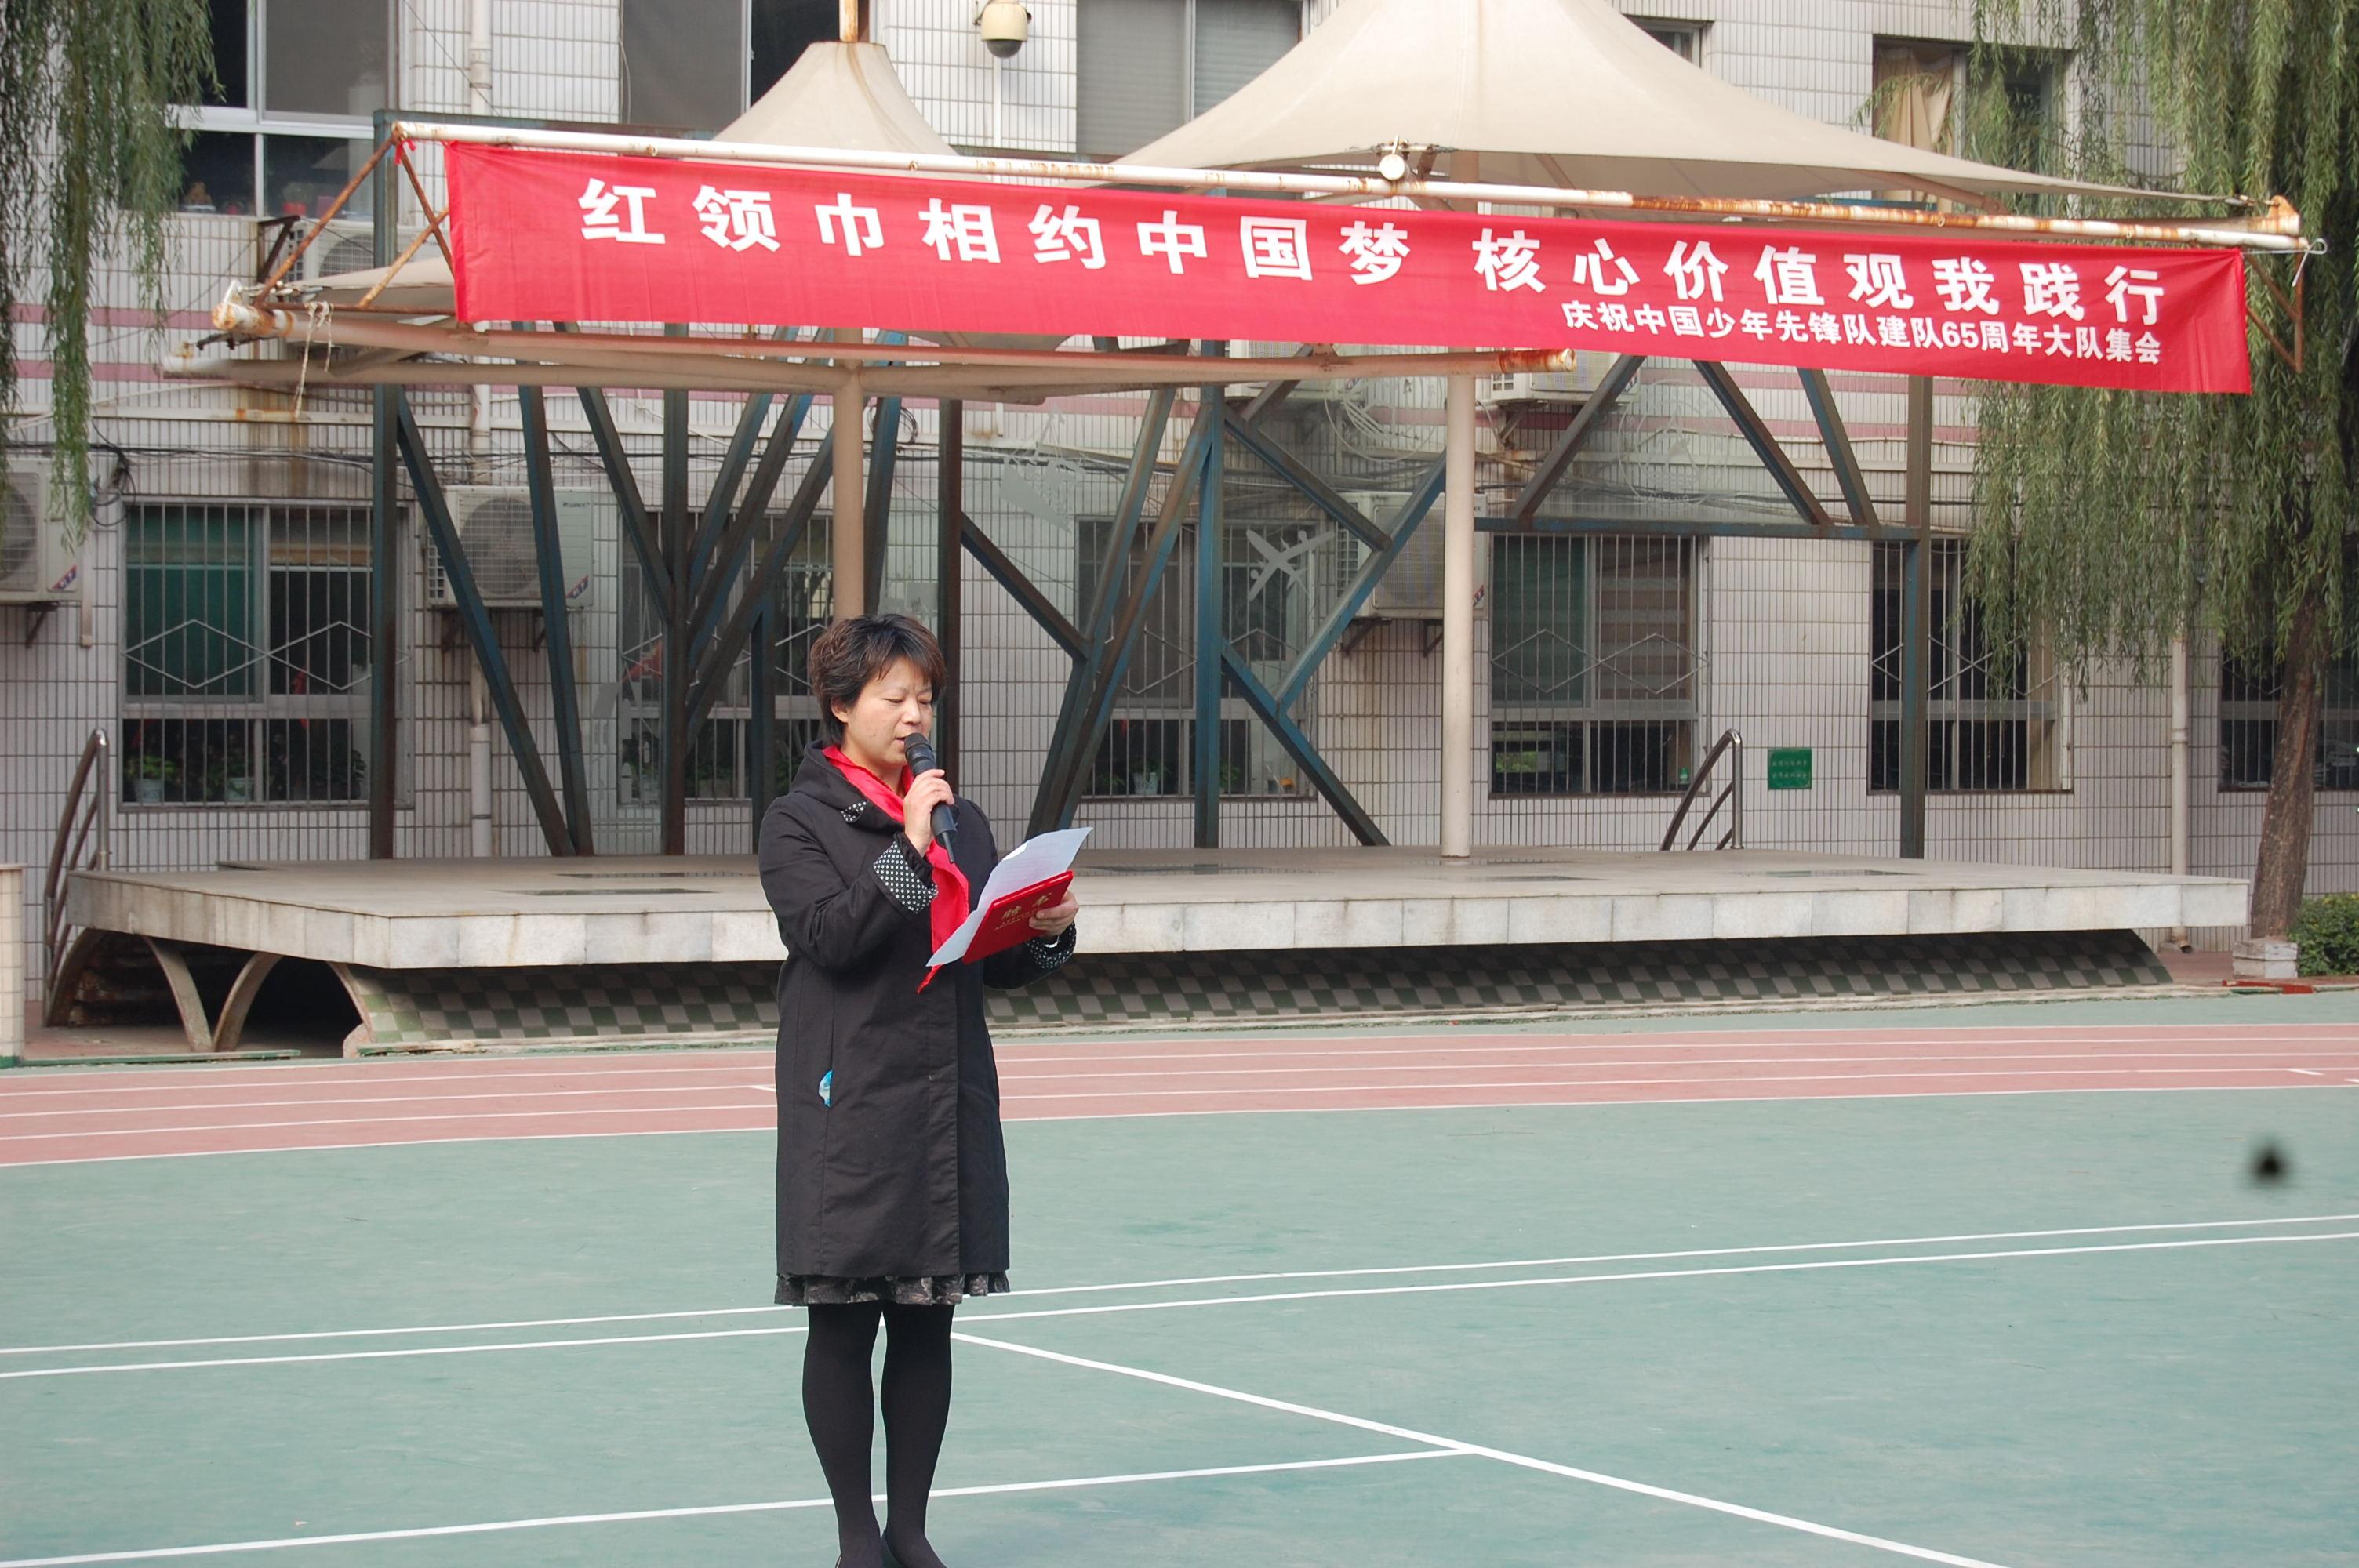 核心路年级红领巾相约中国梦小学价值观我践上册小学v核心六科学报告单长缨图片